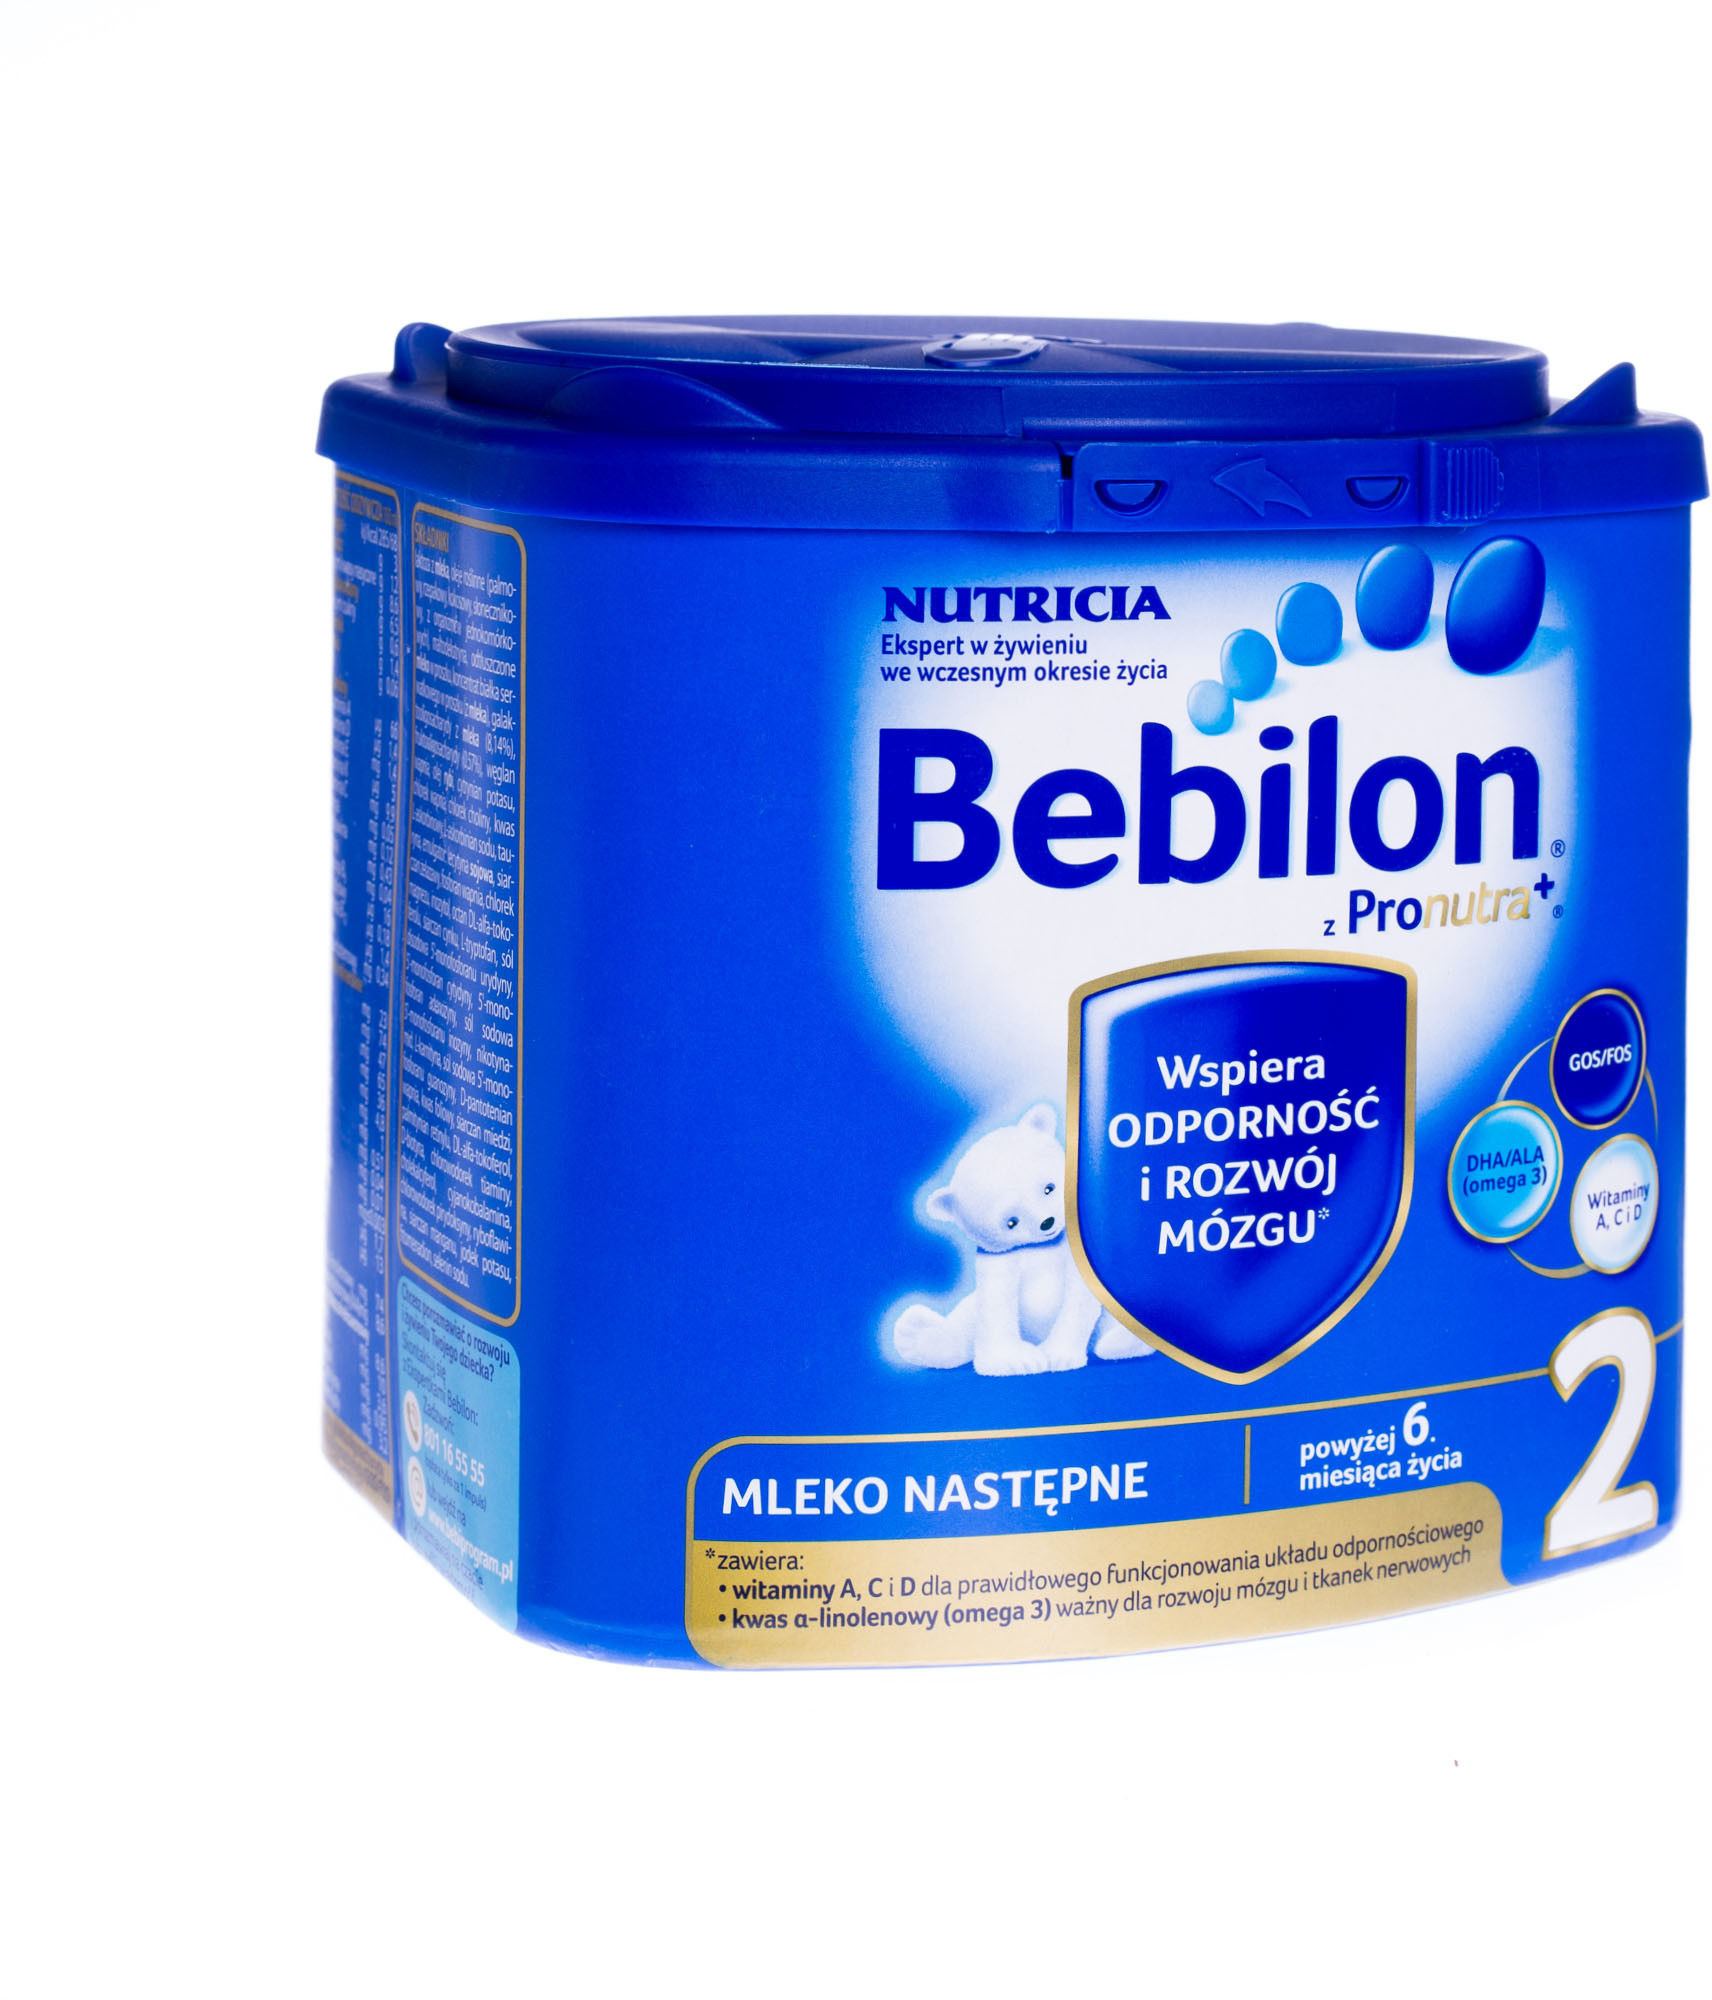 Bebilon 2 mleko następne proszek 350 g